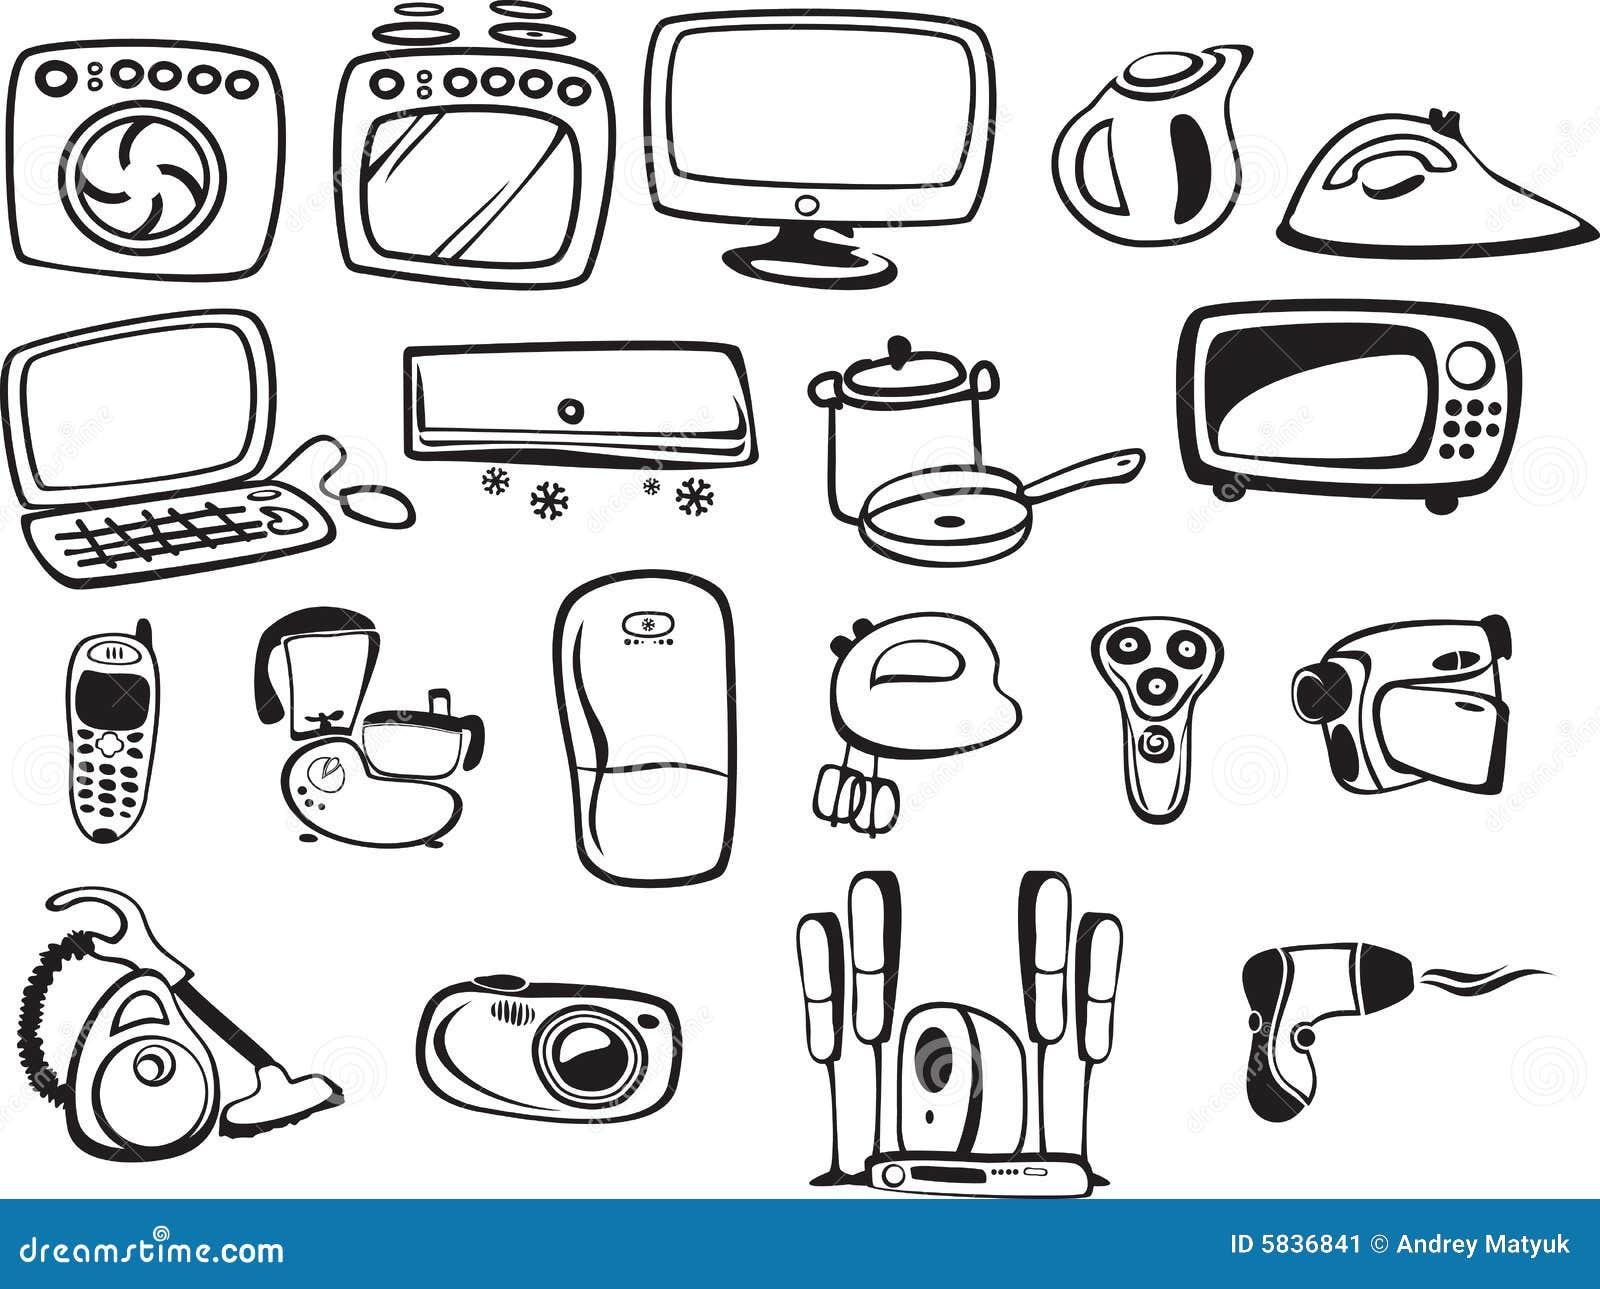 S mbolos de los aparatos electrodom sticos y electr nico - Lo ultimo en electrodomesticos ...